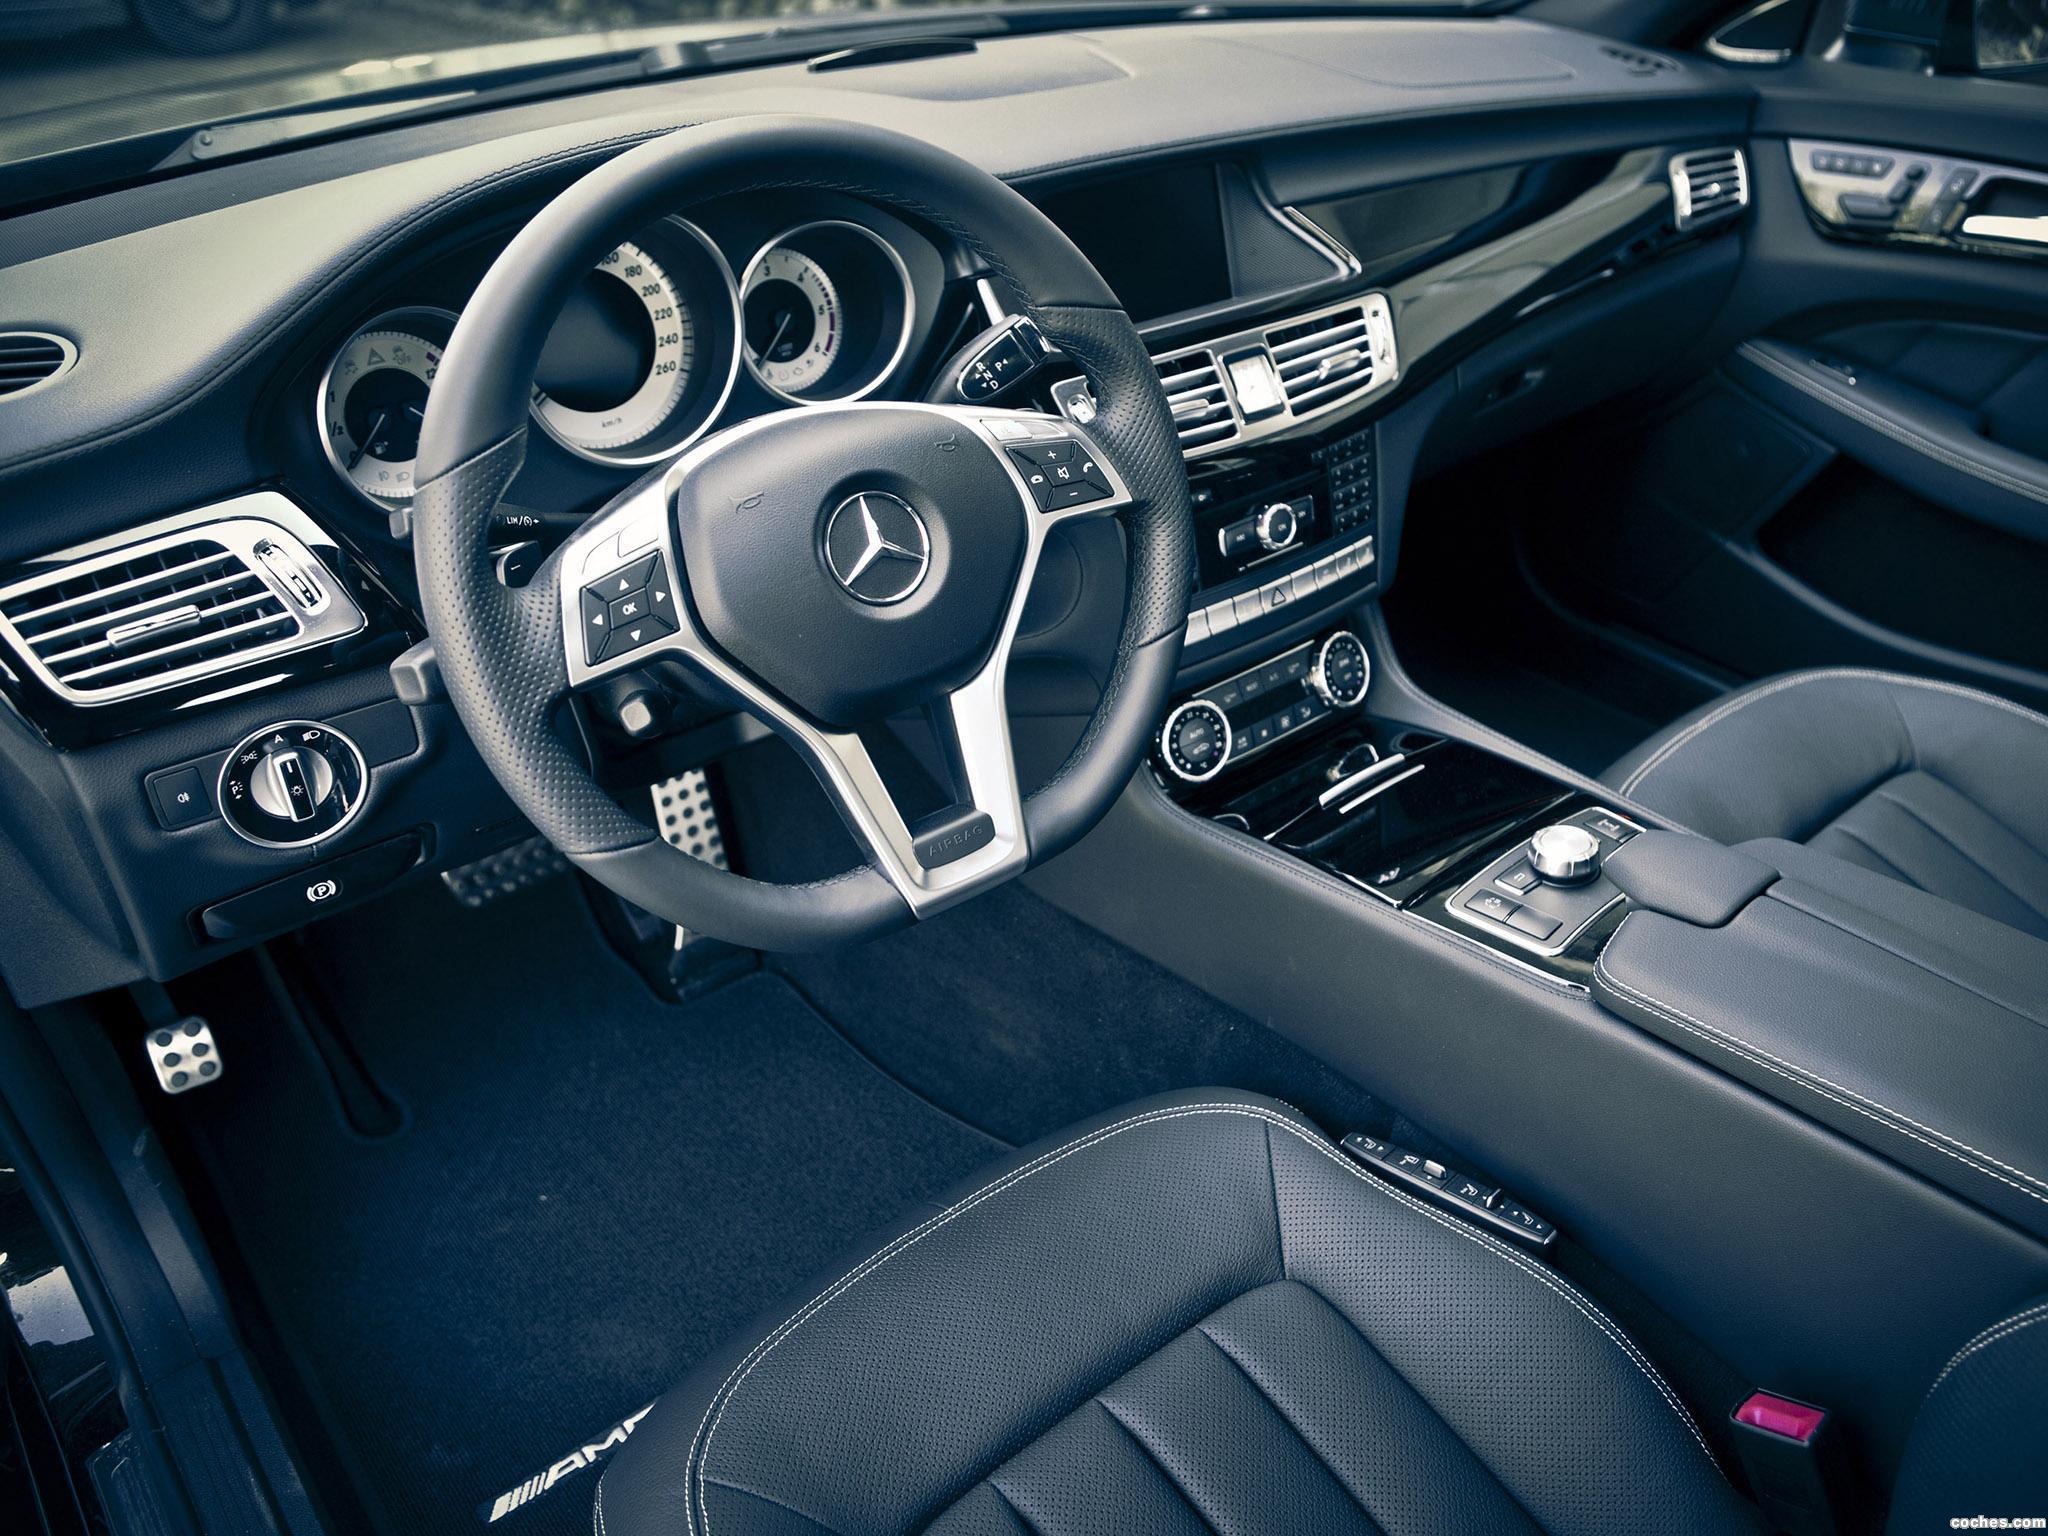 Foto 1 de Kicherer Mercedes Clase CLS Edition Black 2011